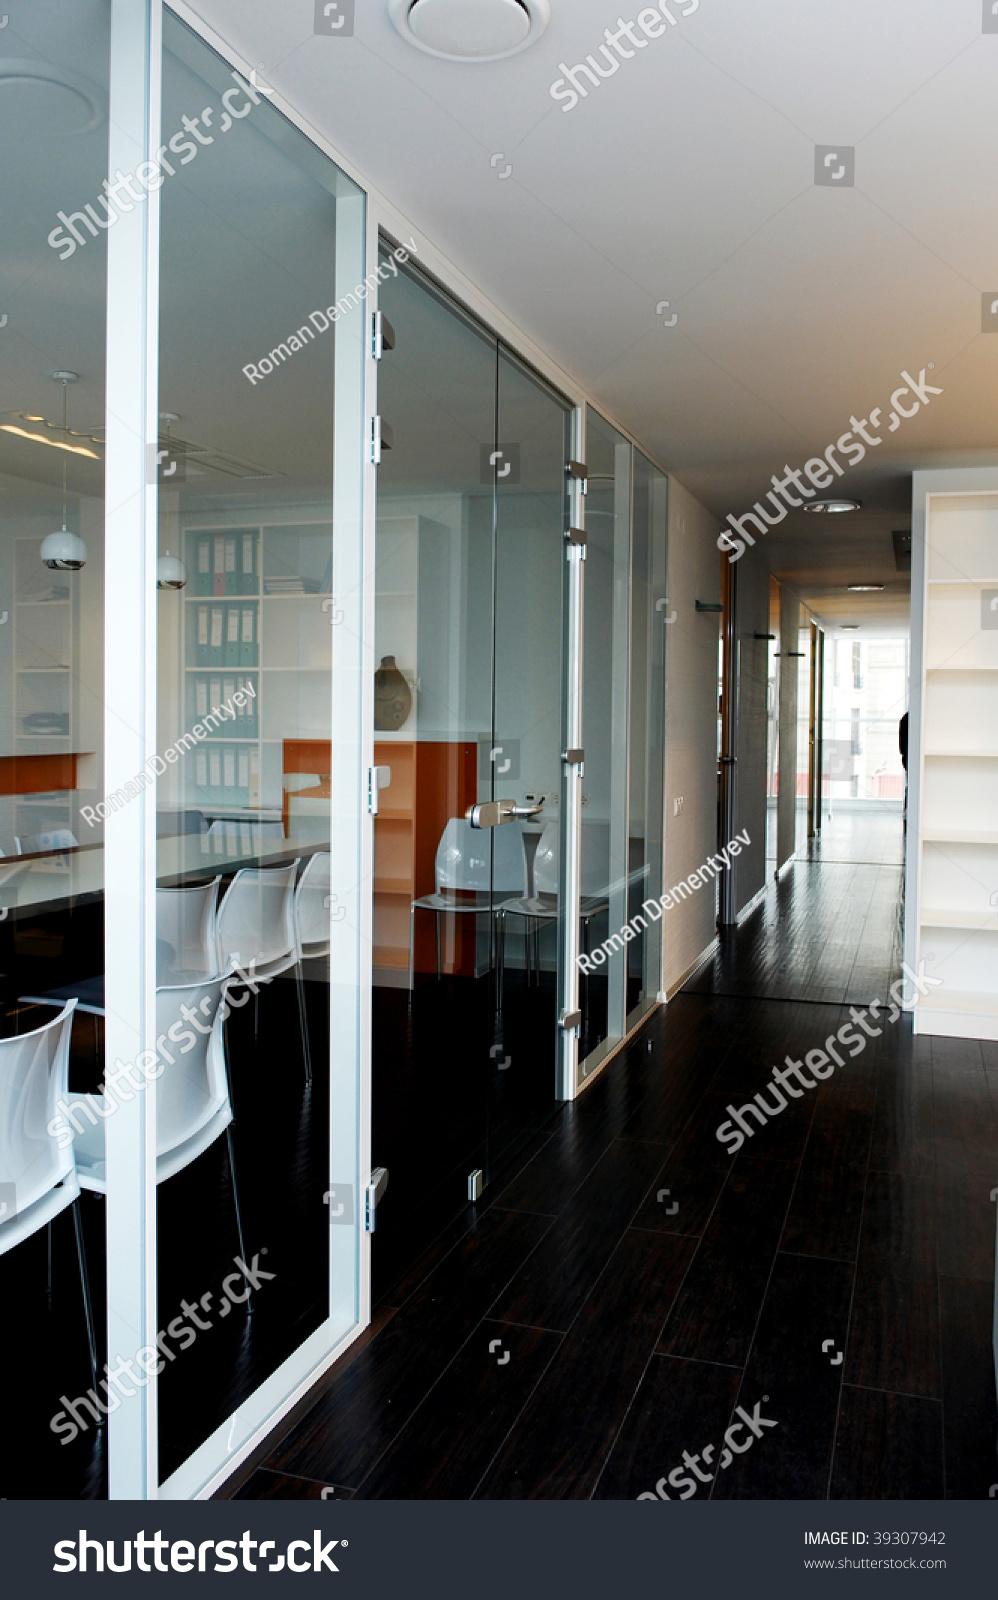 Door Glass Business Office Stock Photo Edit Now 39307942